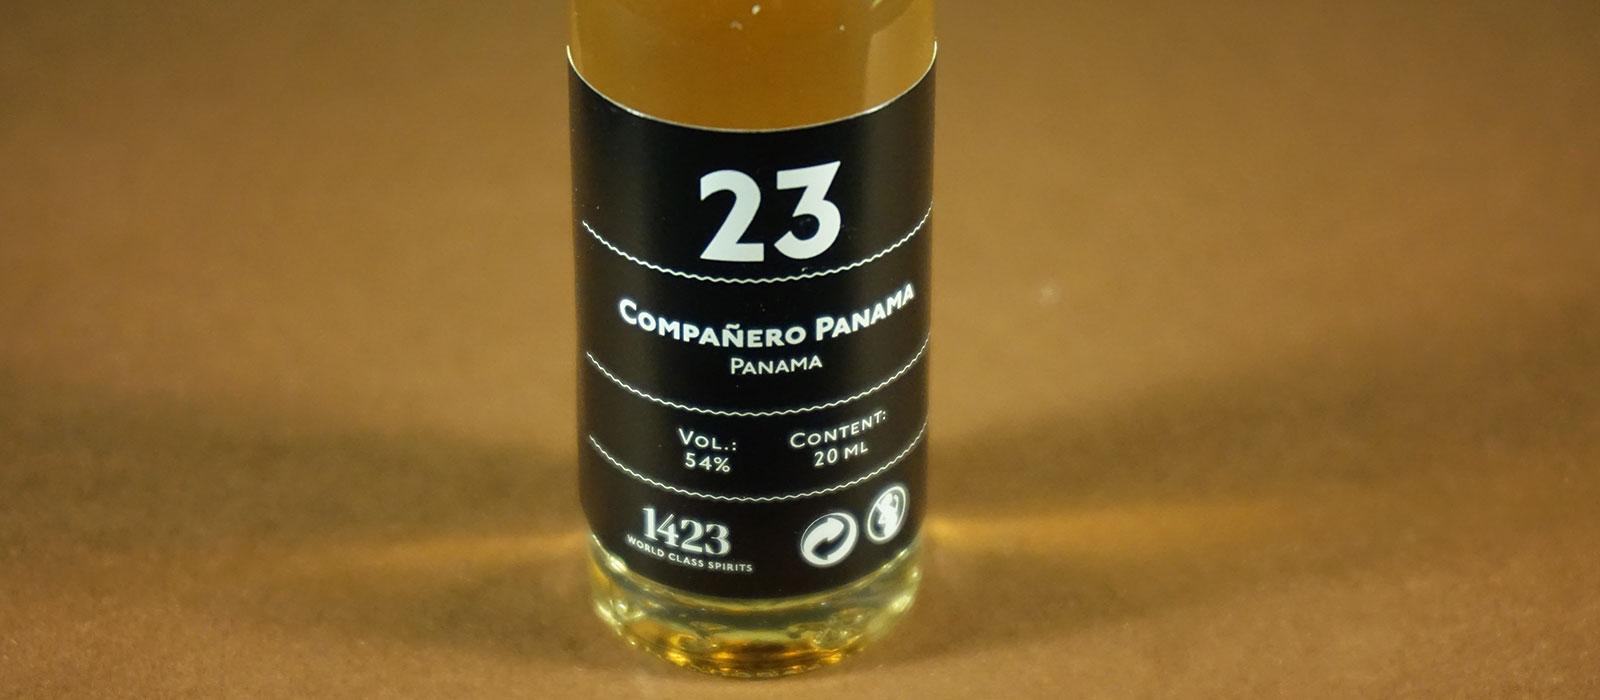 24 Days of Rum 2017: Dag 23 – Compañero Panama